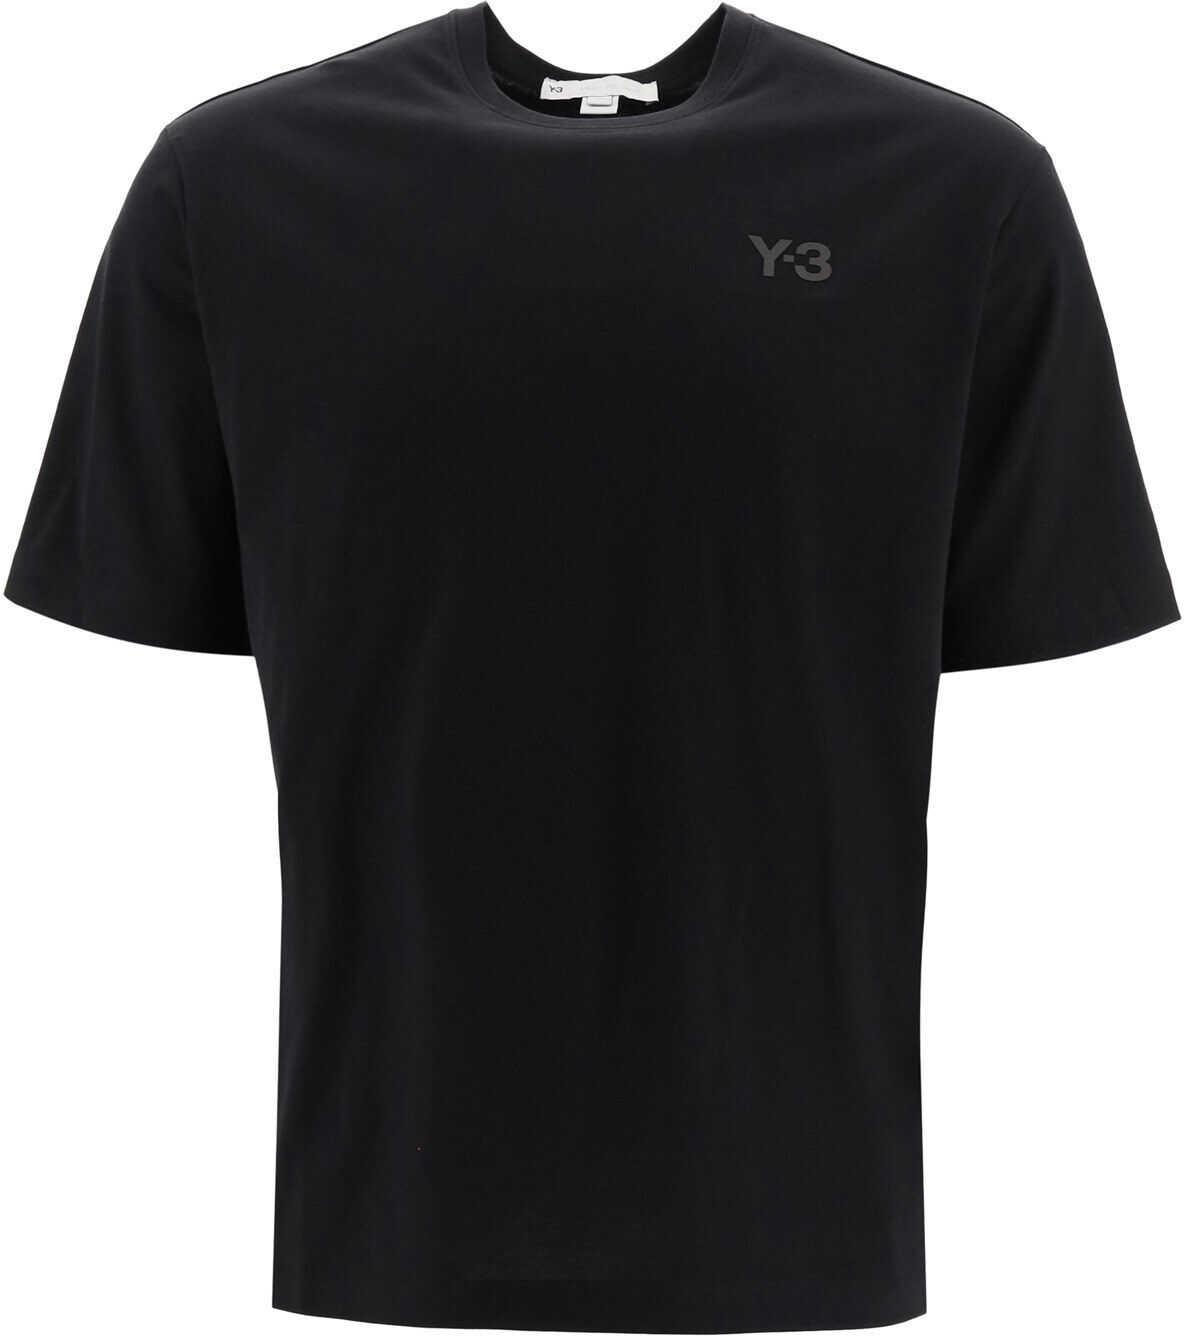 Y-3 GK5780 BLACK